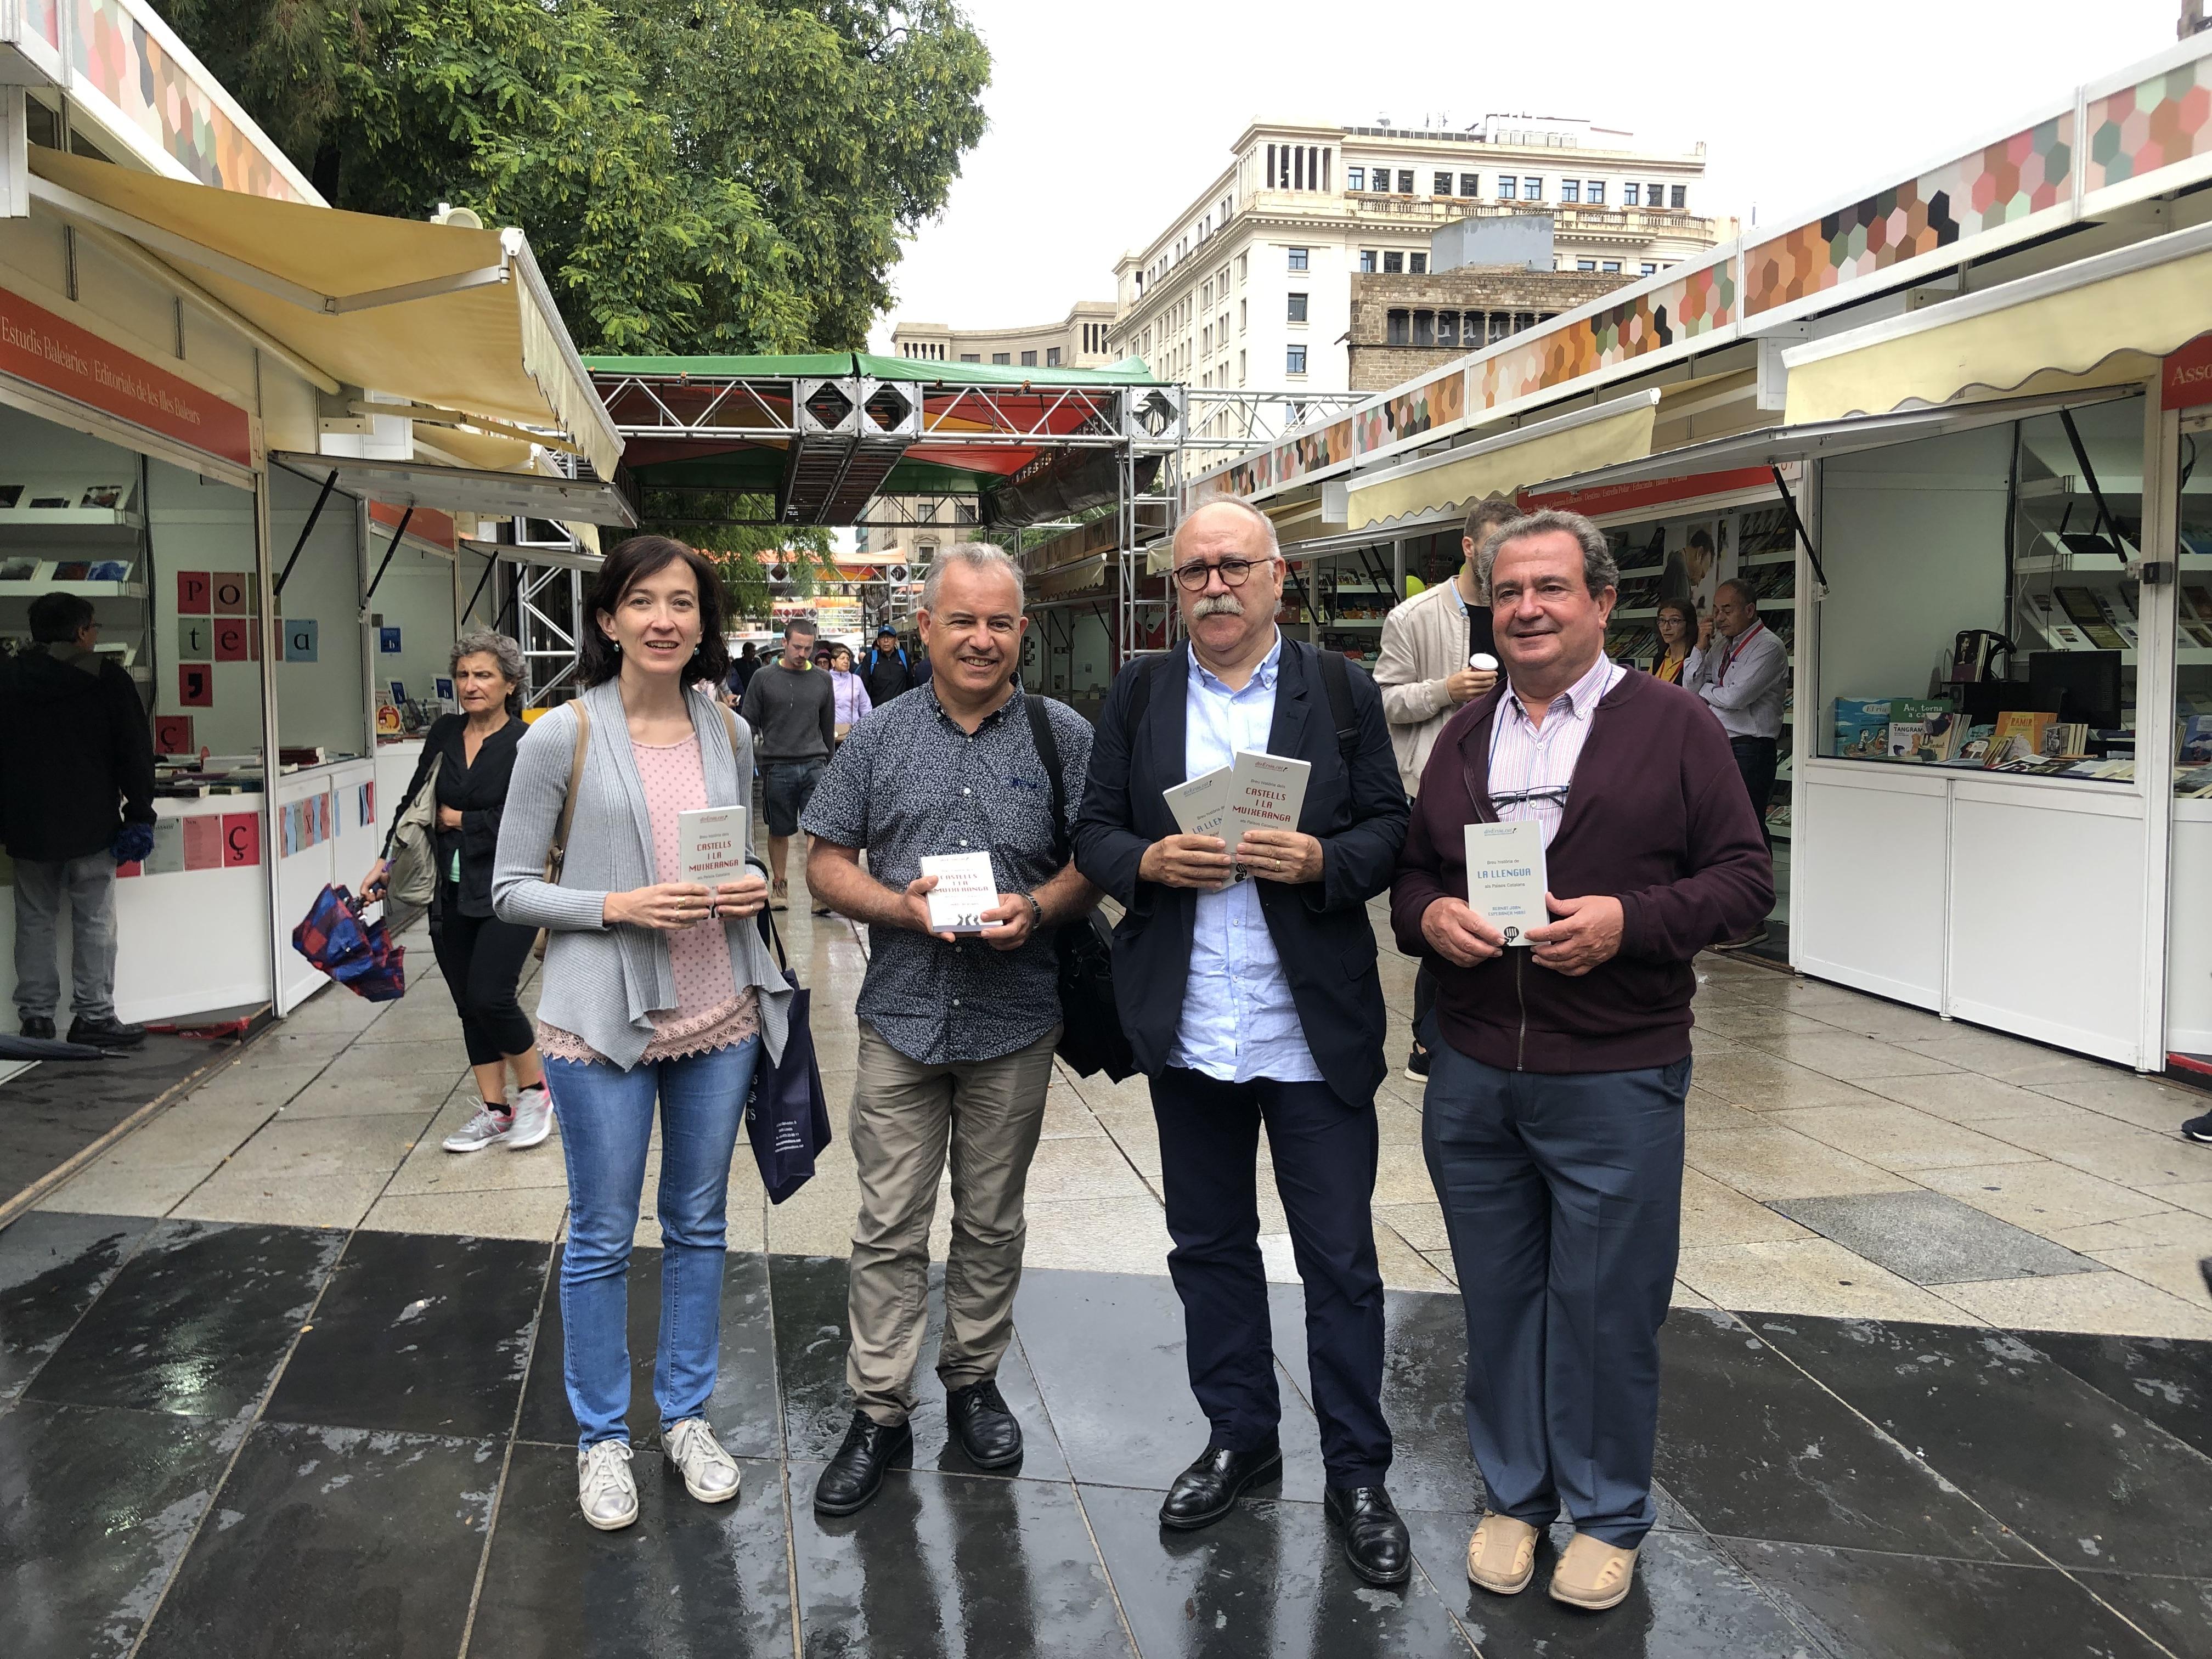 Pagès Editors presenta la col·lecció 'divÈrsia', que oferirà breus manuals d'història sobre temes d'interès als Països Catalans